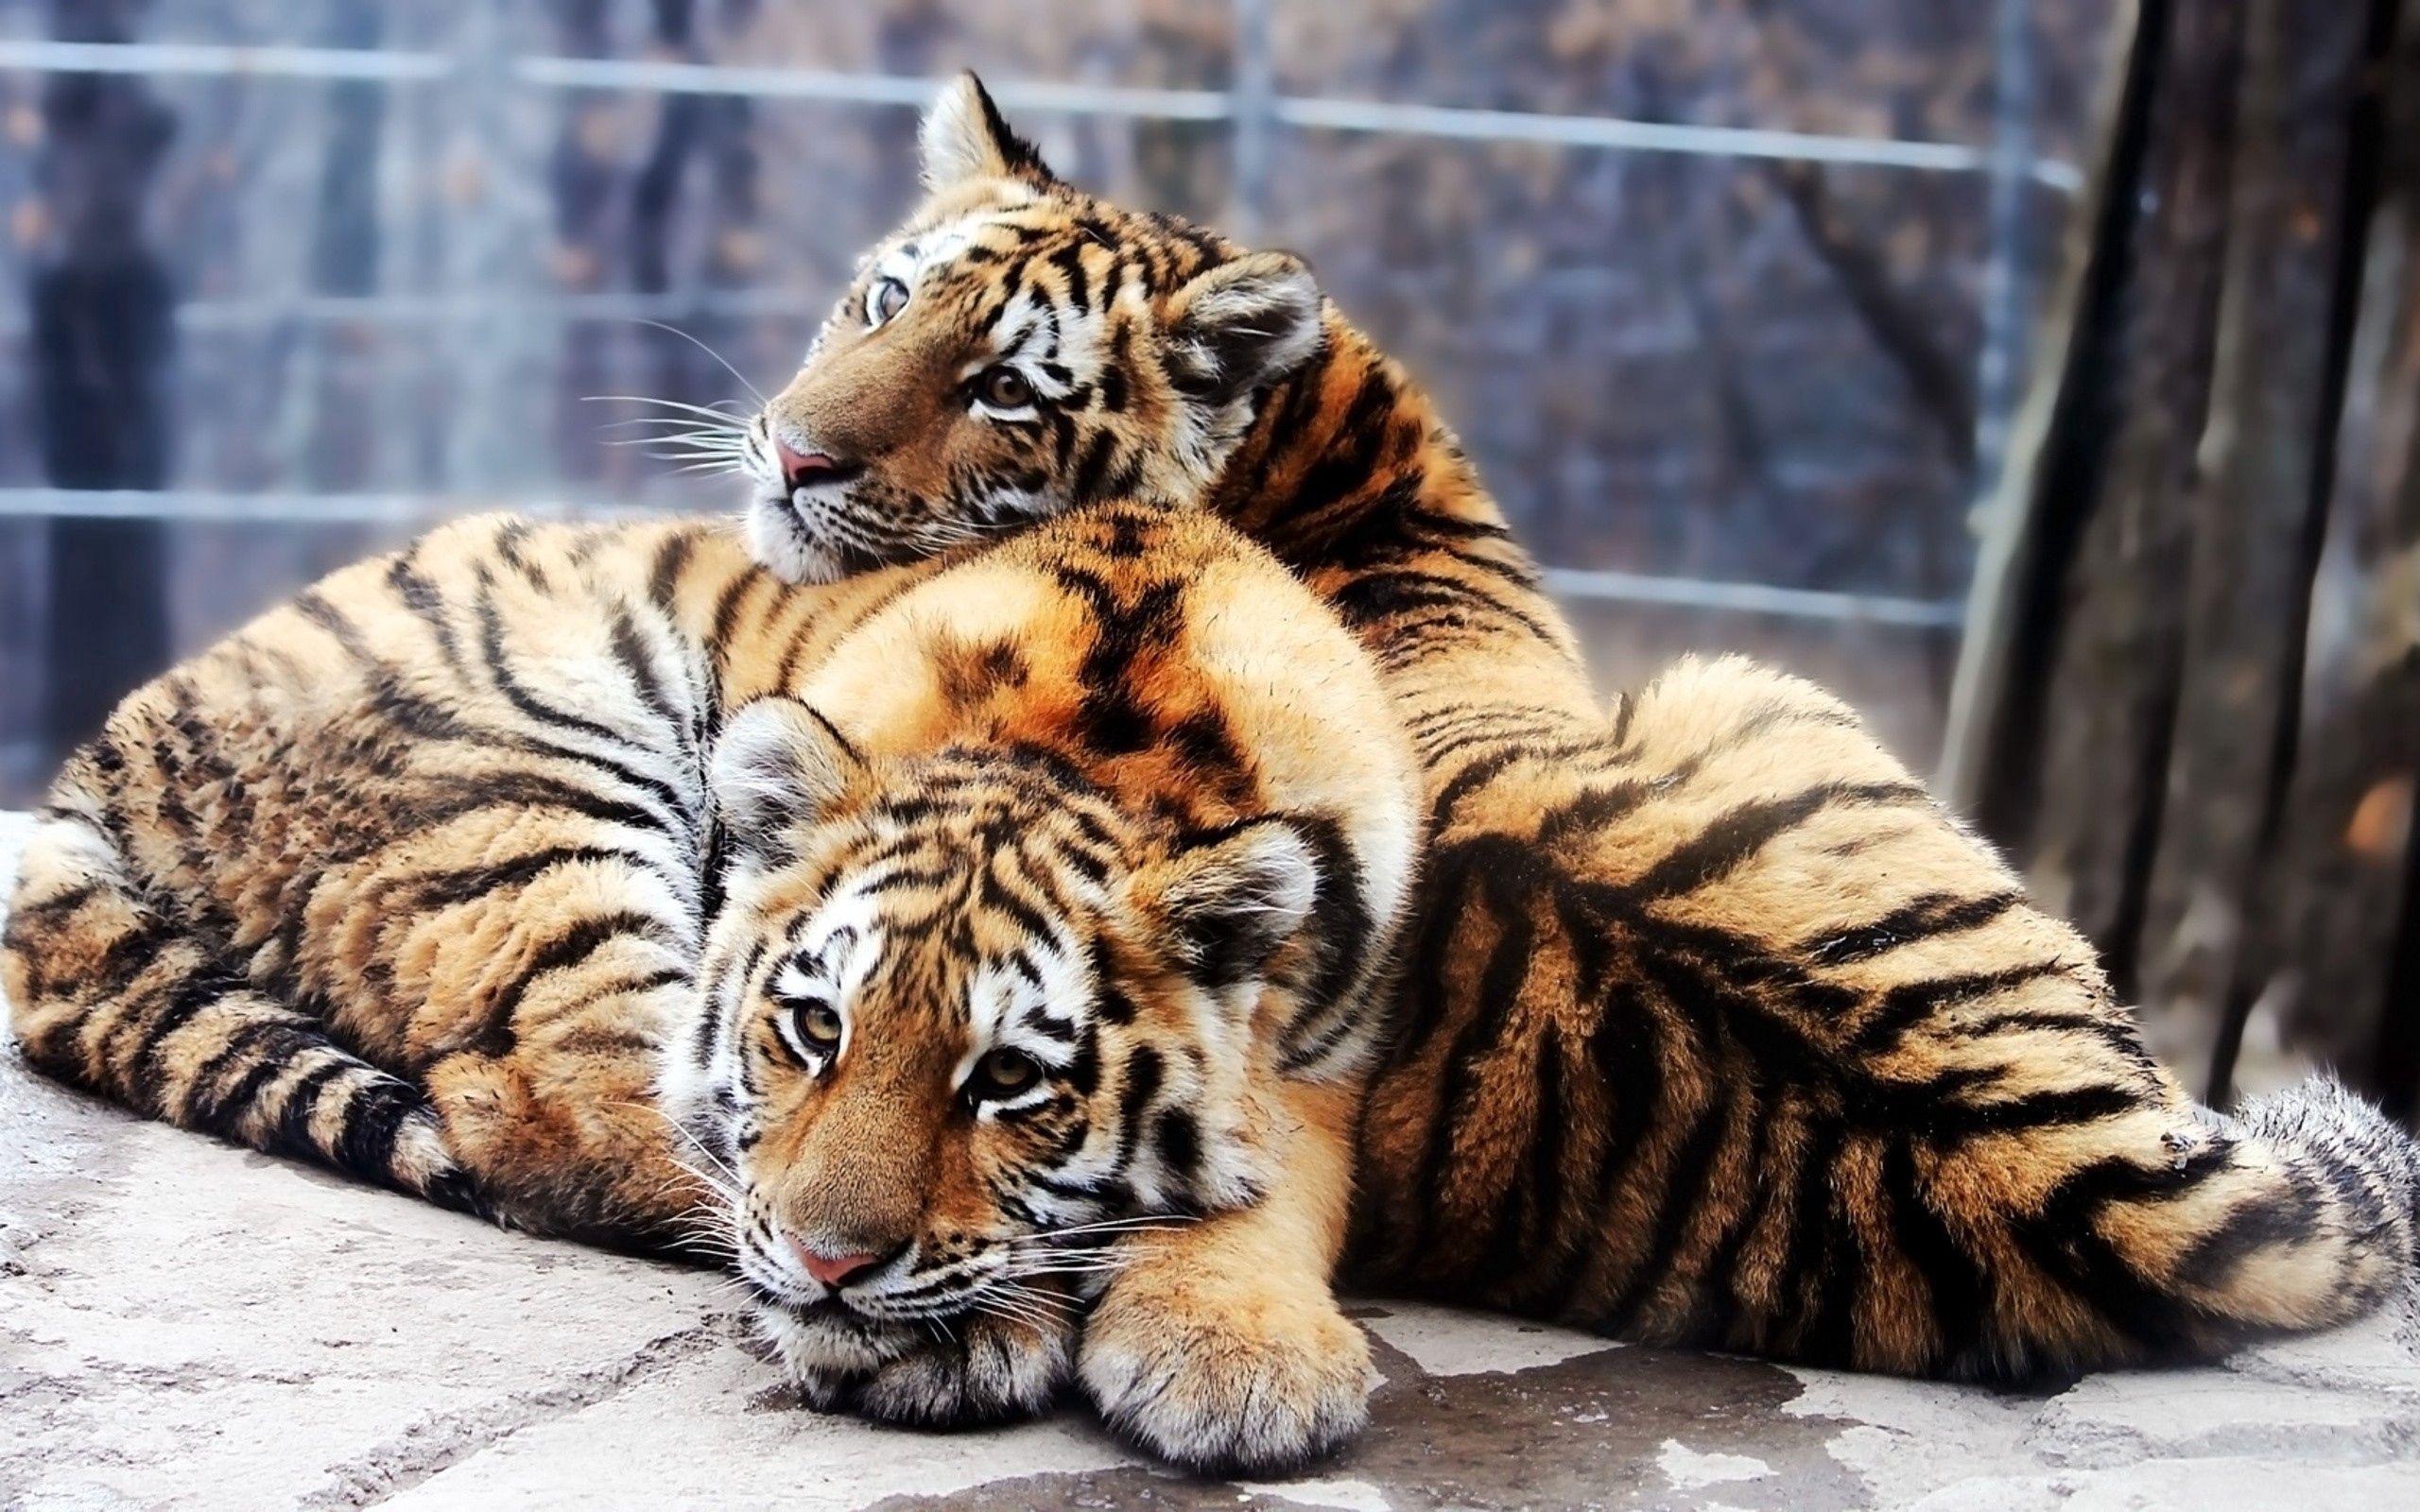 79988壁紙のダウンロード動物, タイガーカブス, カップル, 双, 優しさ, 愛, 捕食者, 捕食 者, 阪神タイガース-スクリーンセーバーと写真を無料で